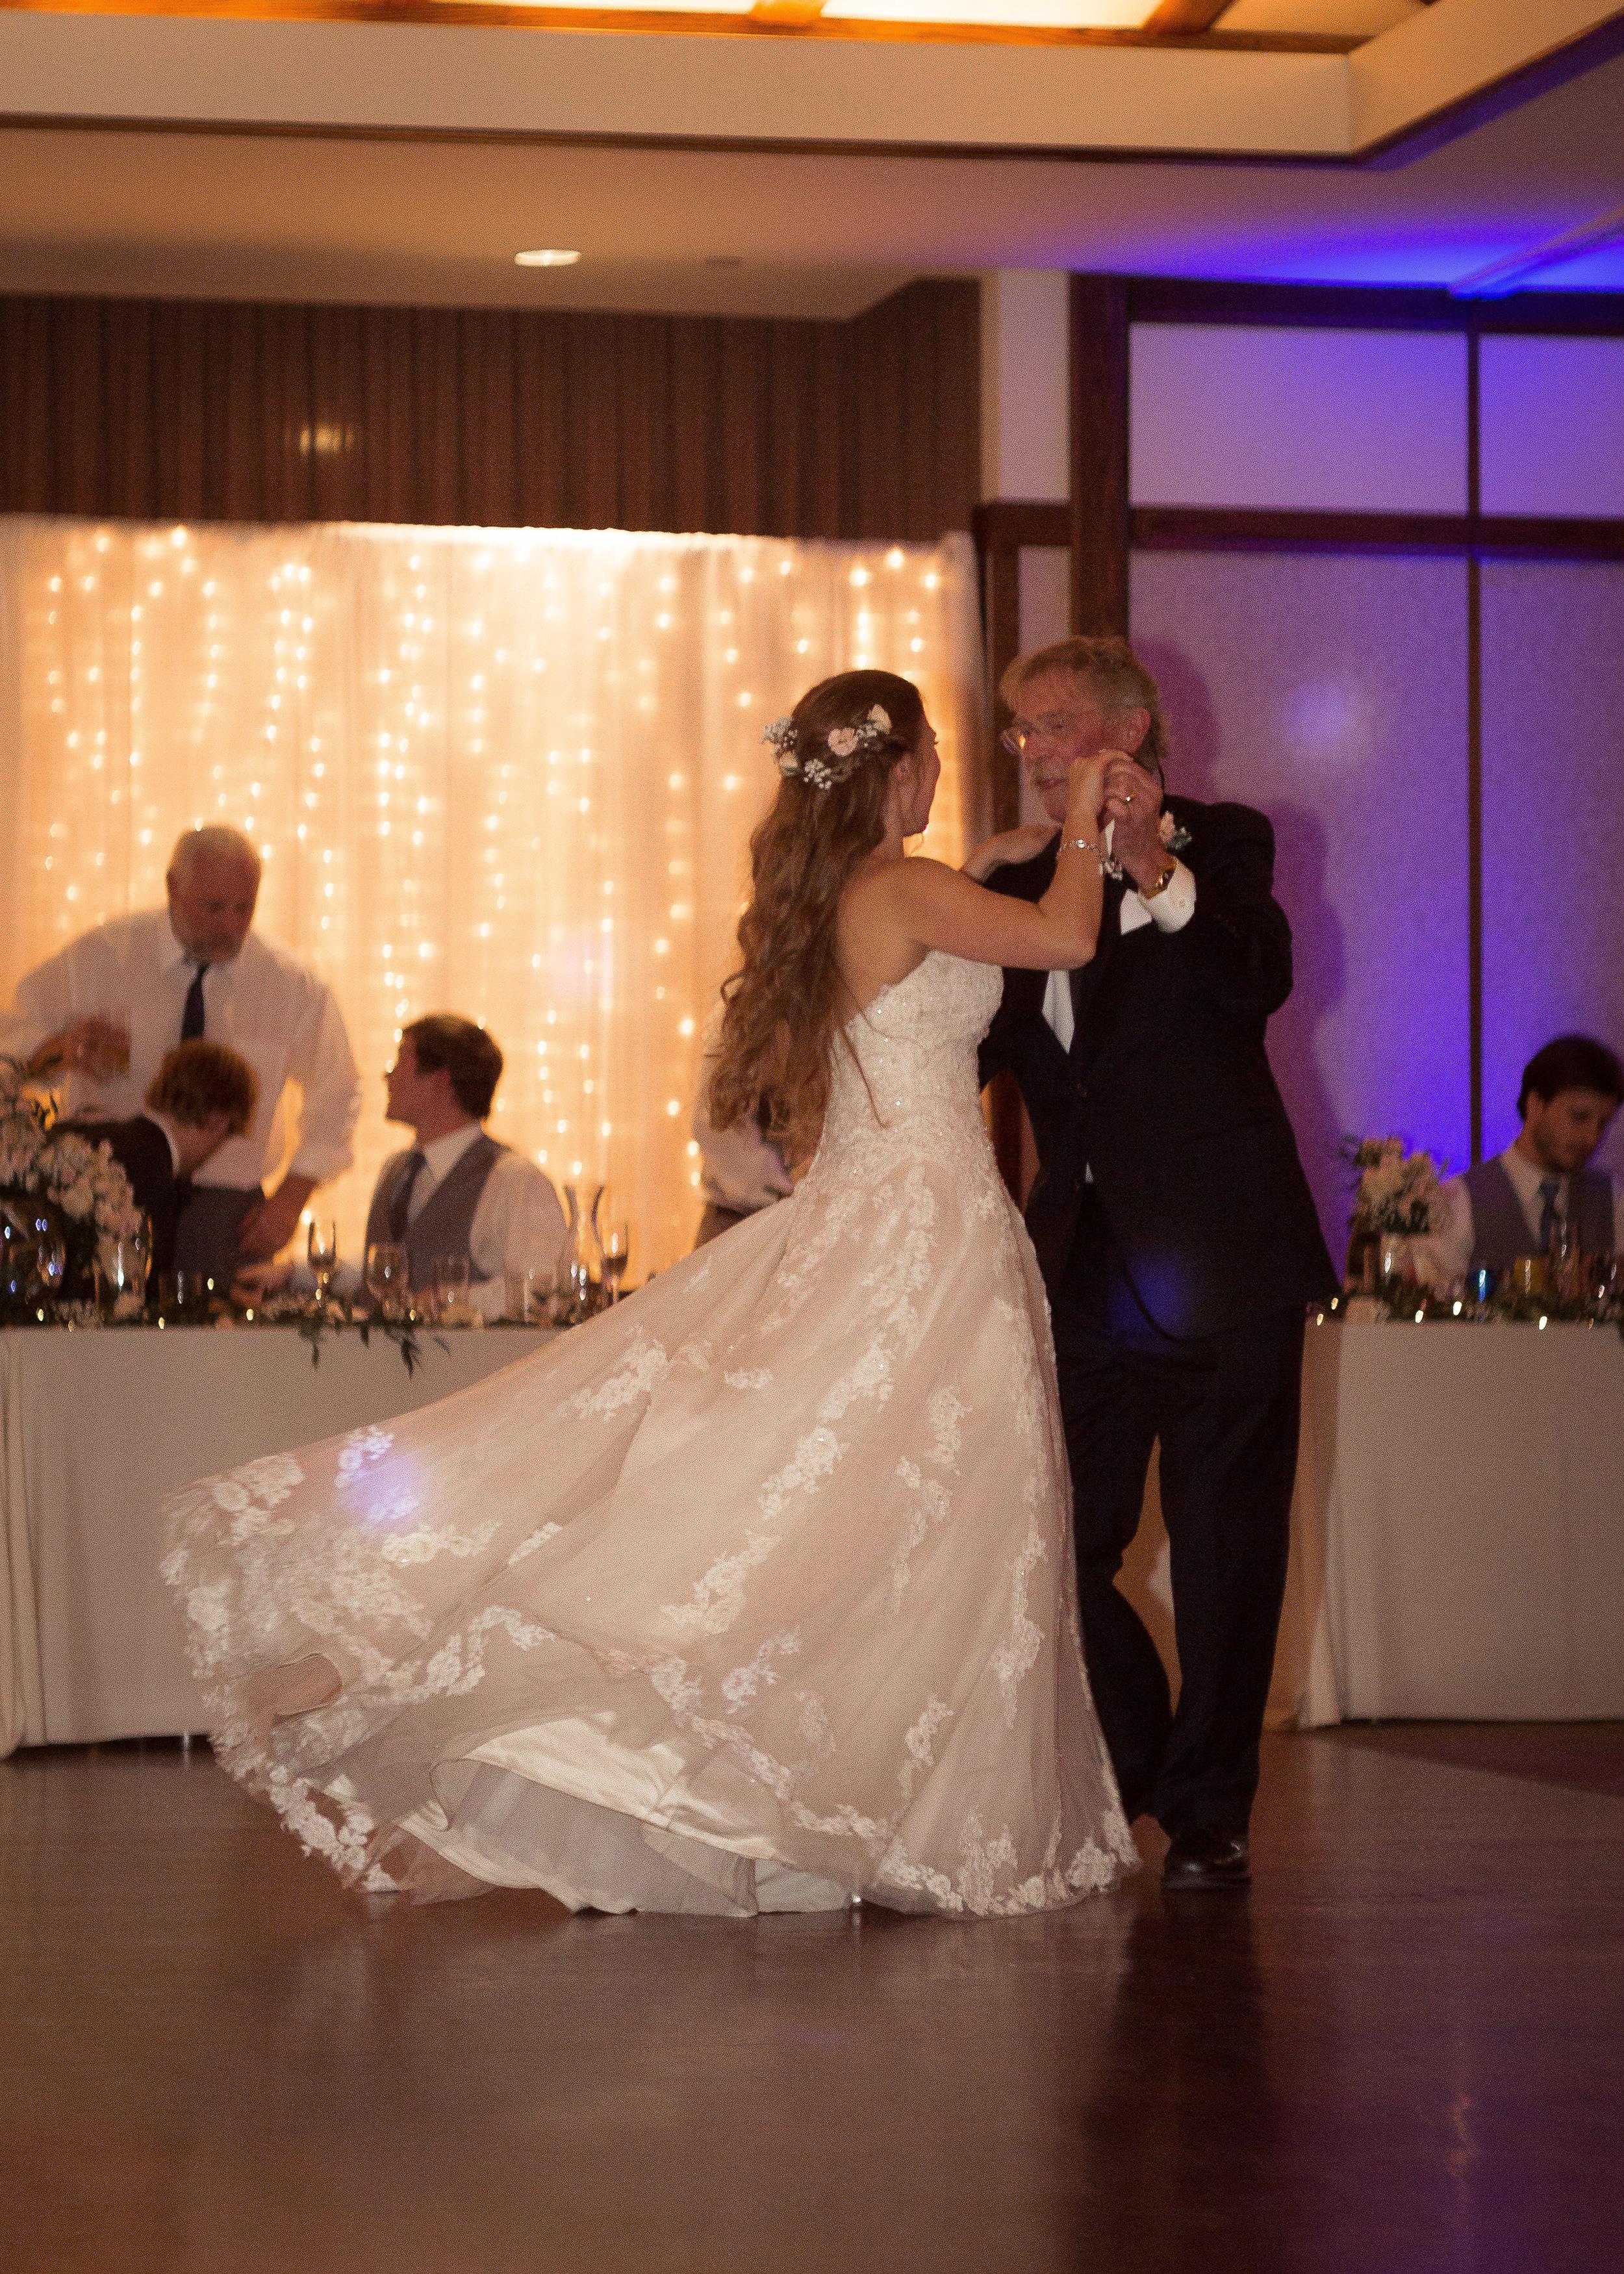 C_Wedding_Spellman, Megan & Tyler_10.27.18-1984.JPG